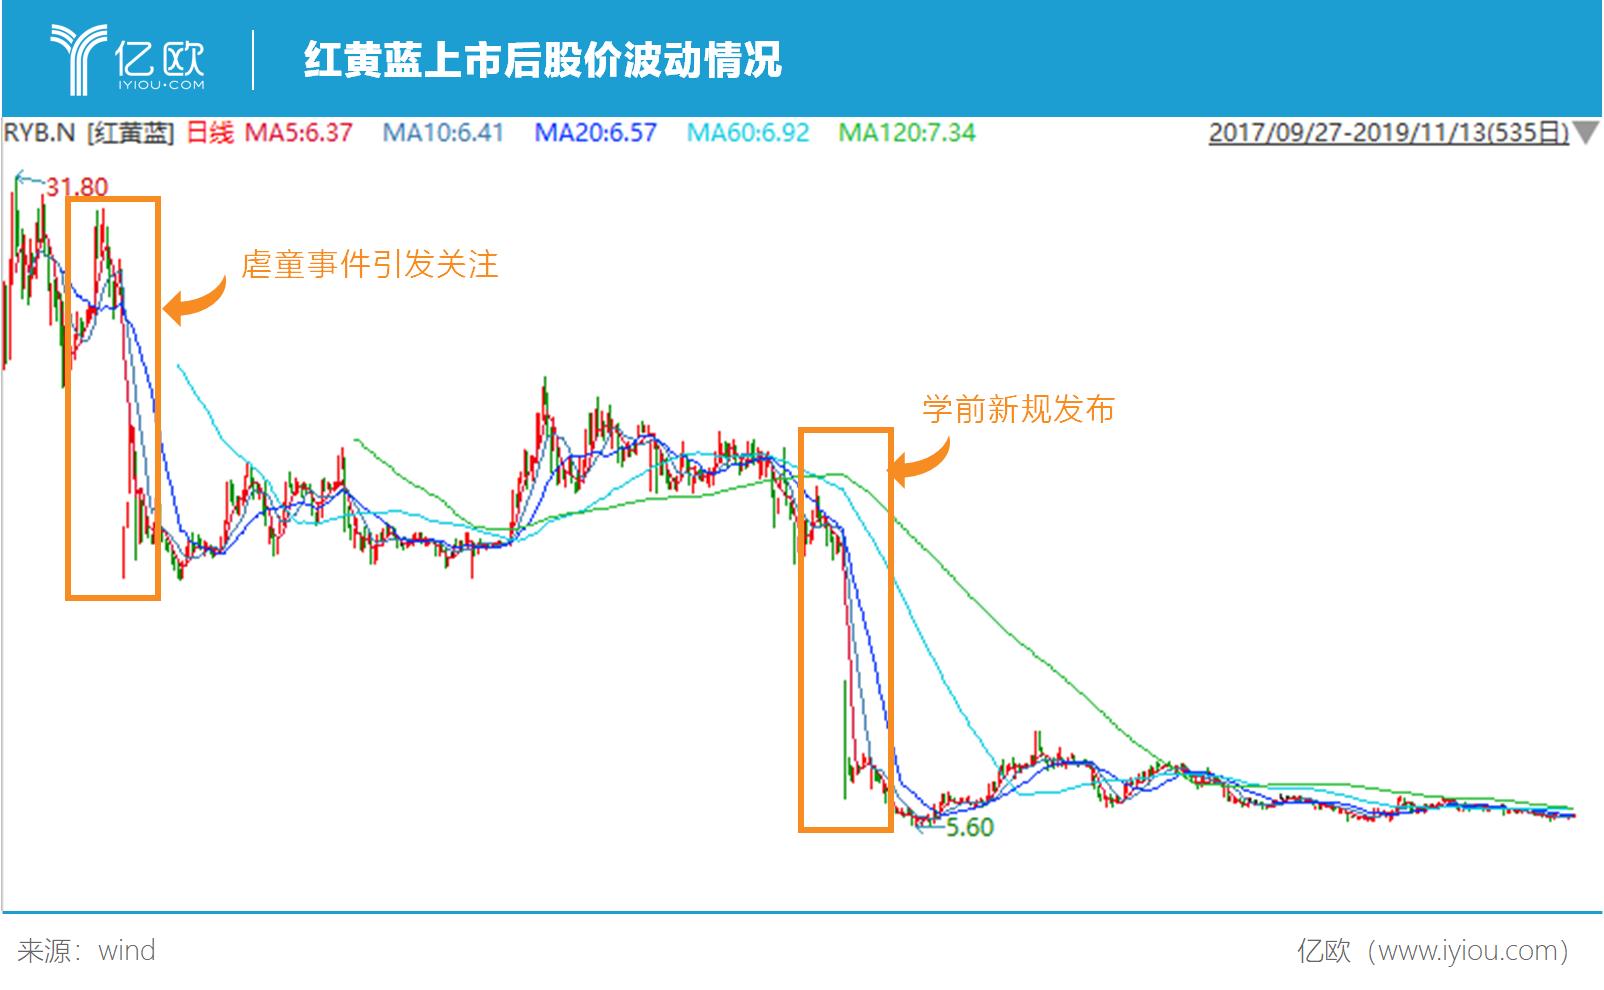 亿欧智库:红黄蓝上市后股价波动情况